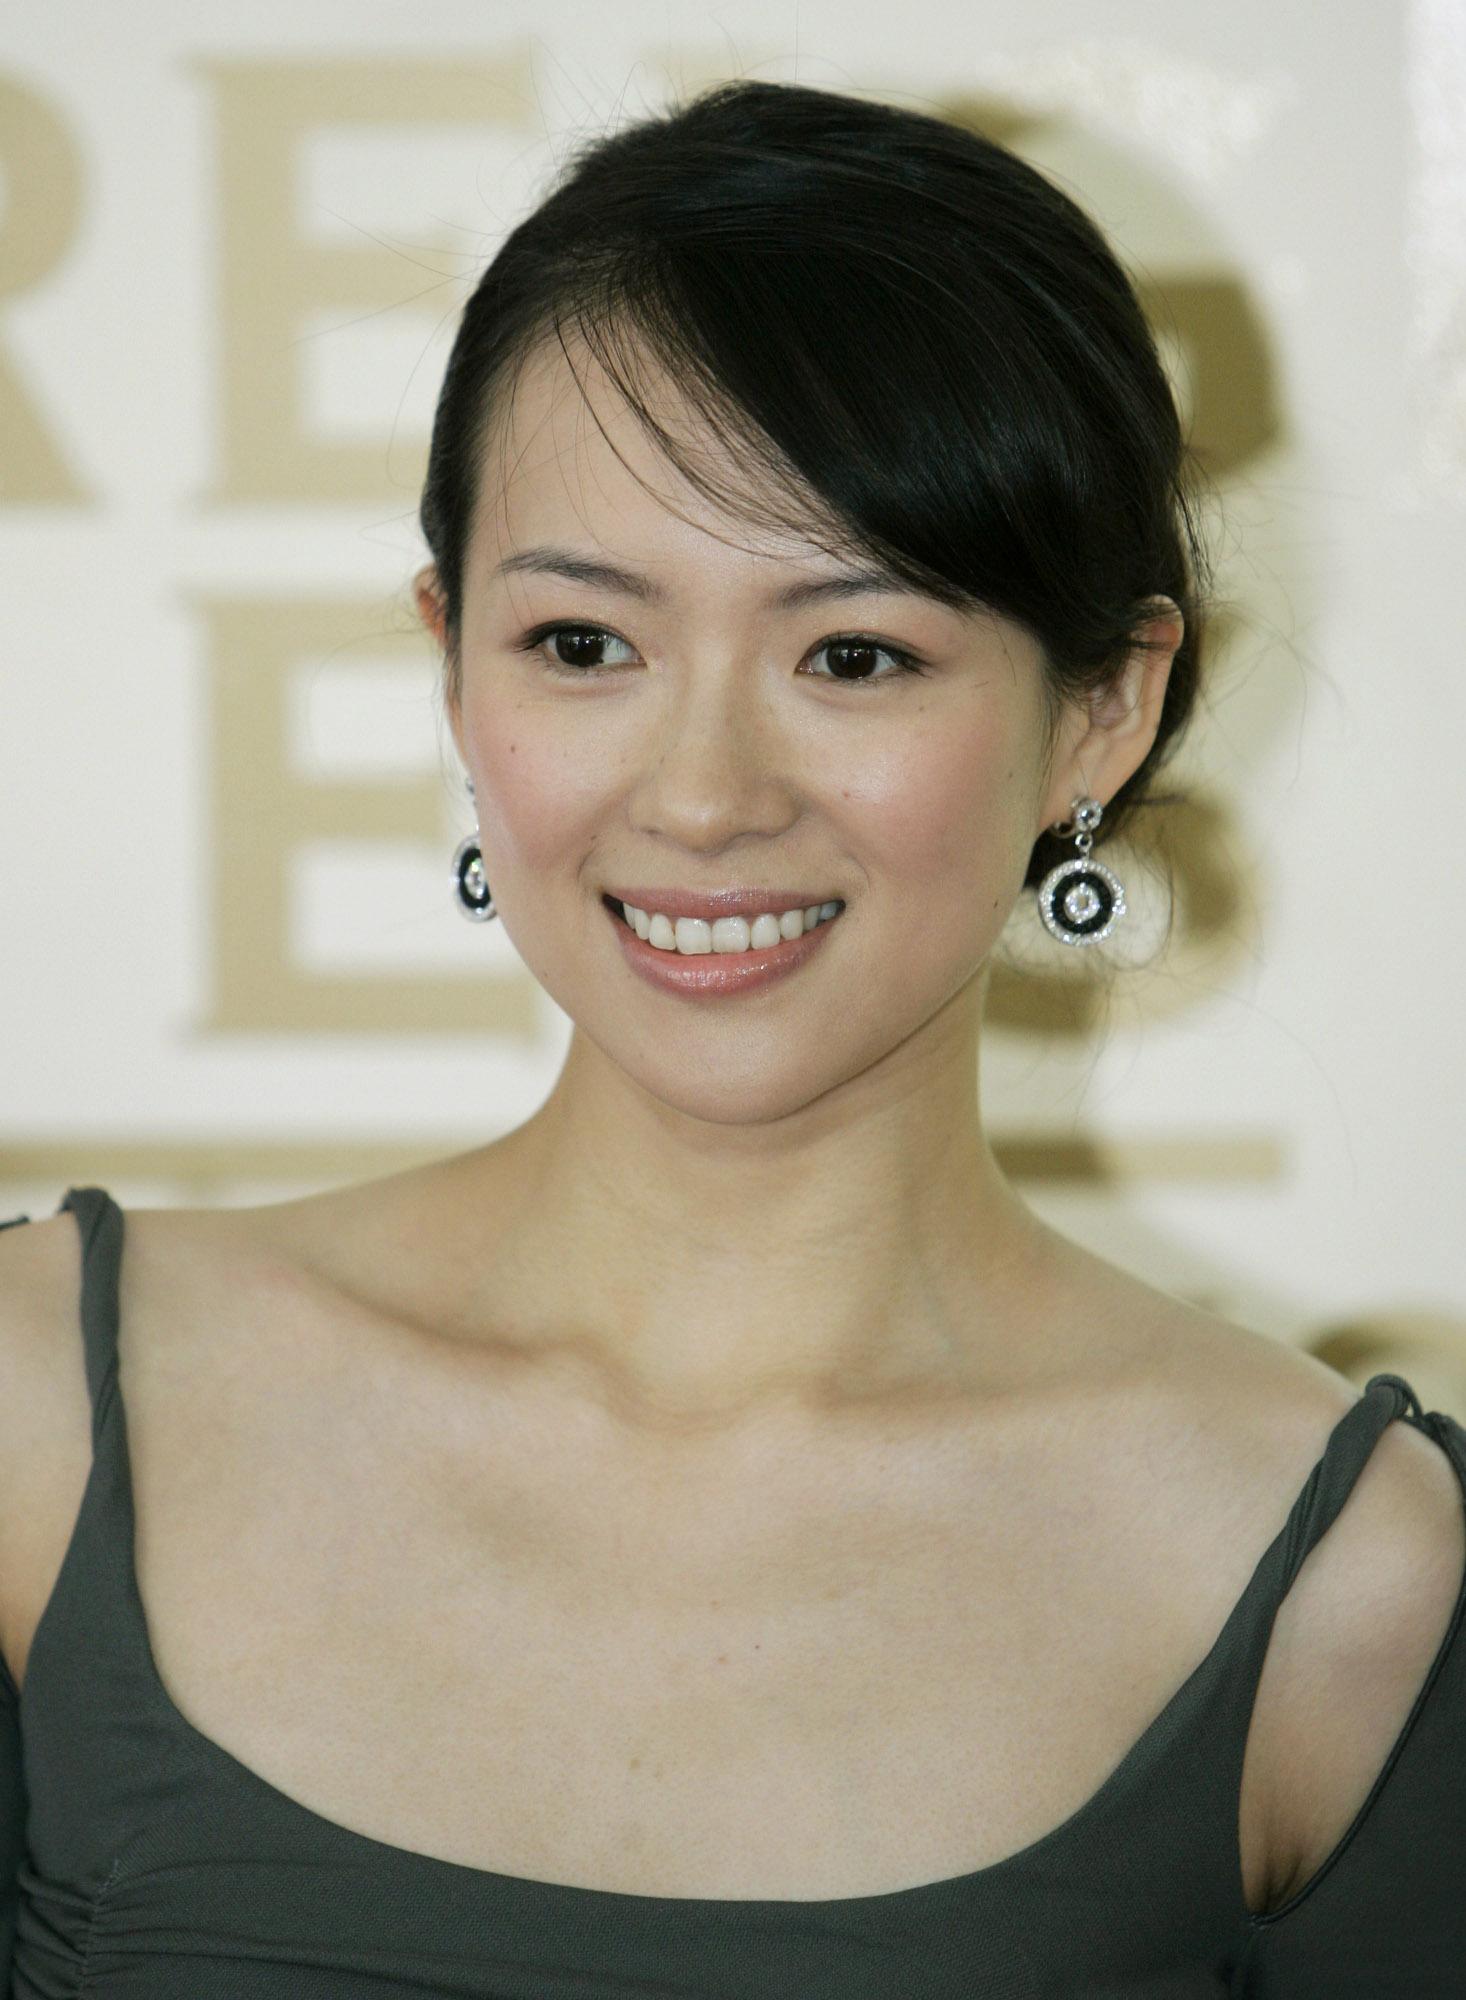 """梁朝伟巩俐章子怡 在美被评为""""最性感人物"""""""